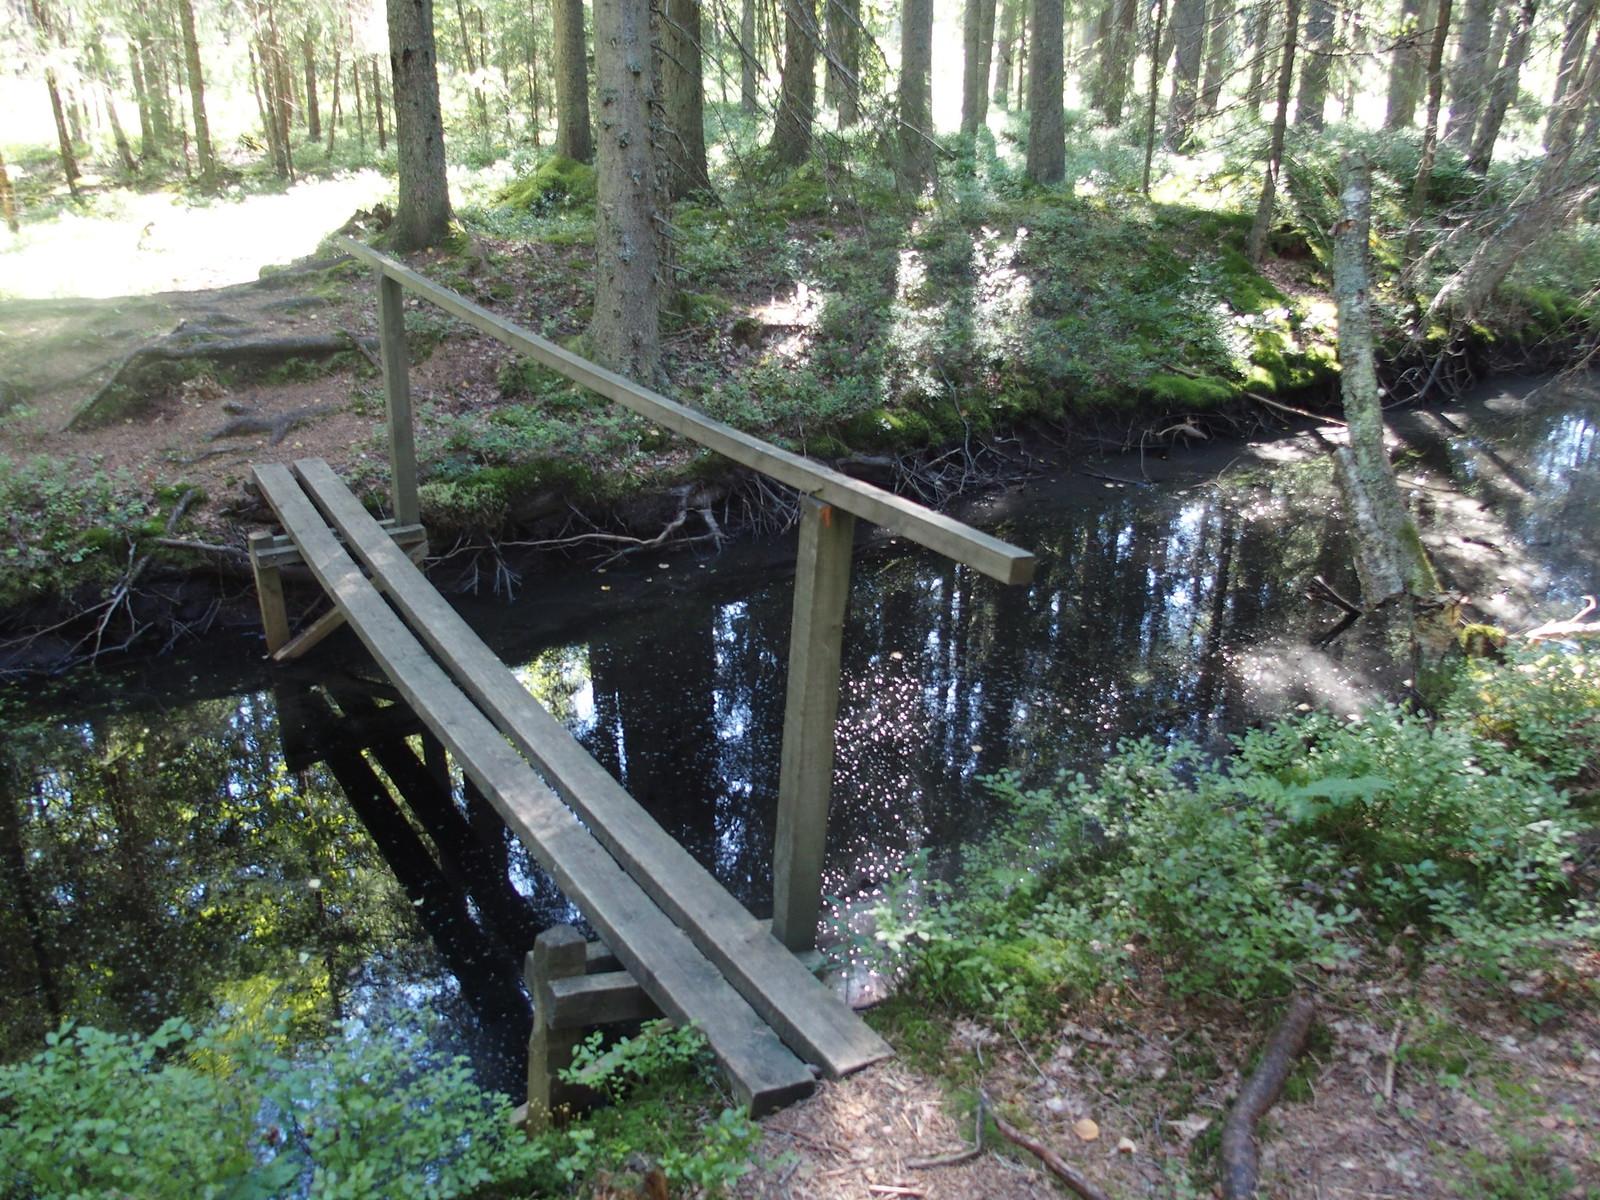 SÖ E5.1 Gränsbro